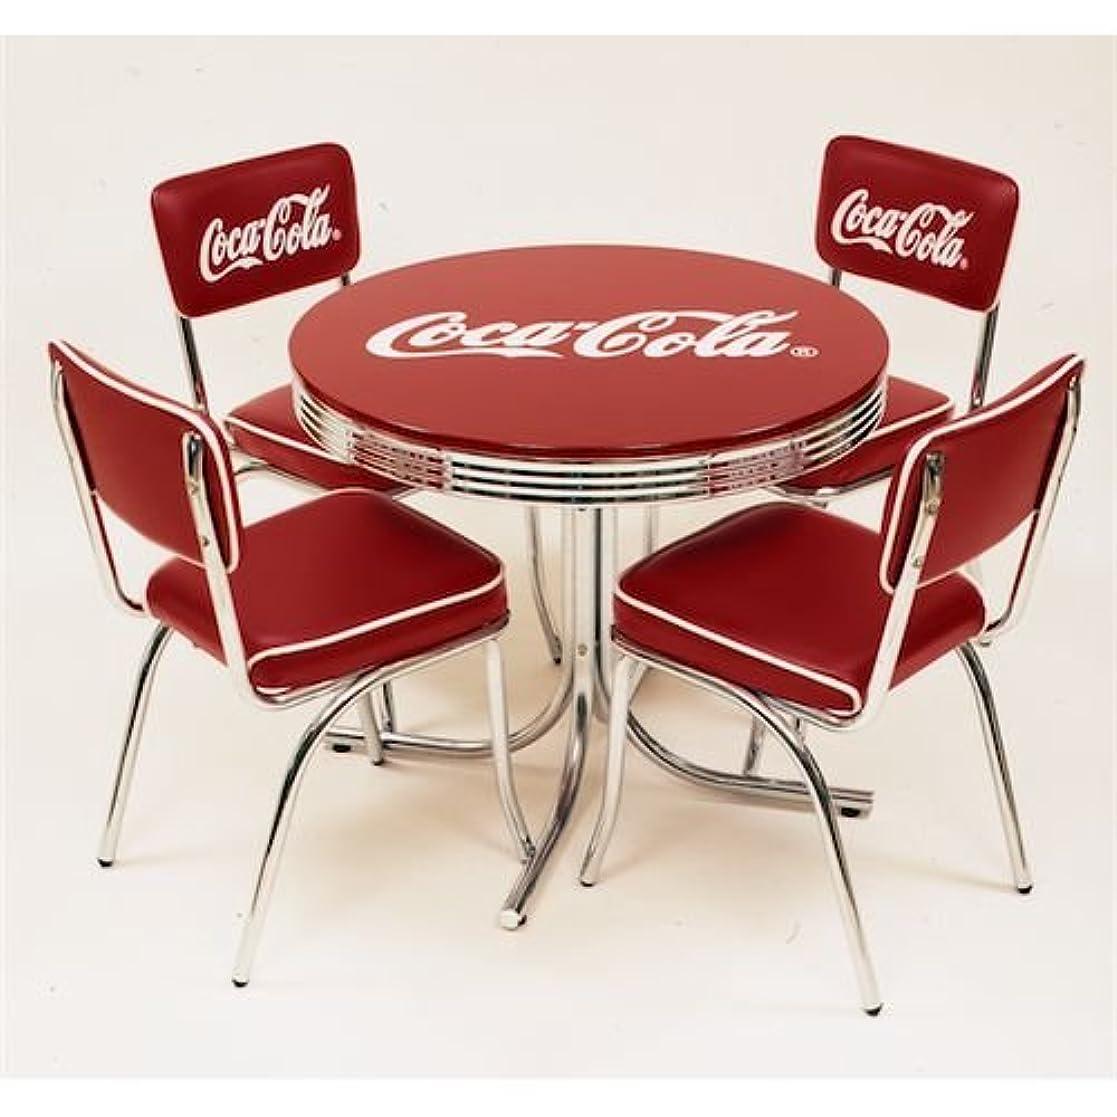 上へ実質的に罪悪感テーブル?チェアセット コカ?コーラ ローテーブル&チェアー フルセット USA